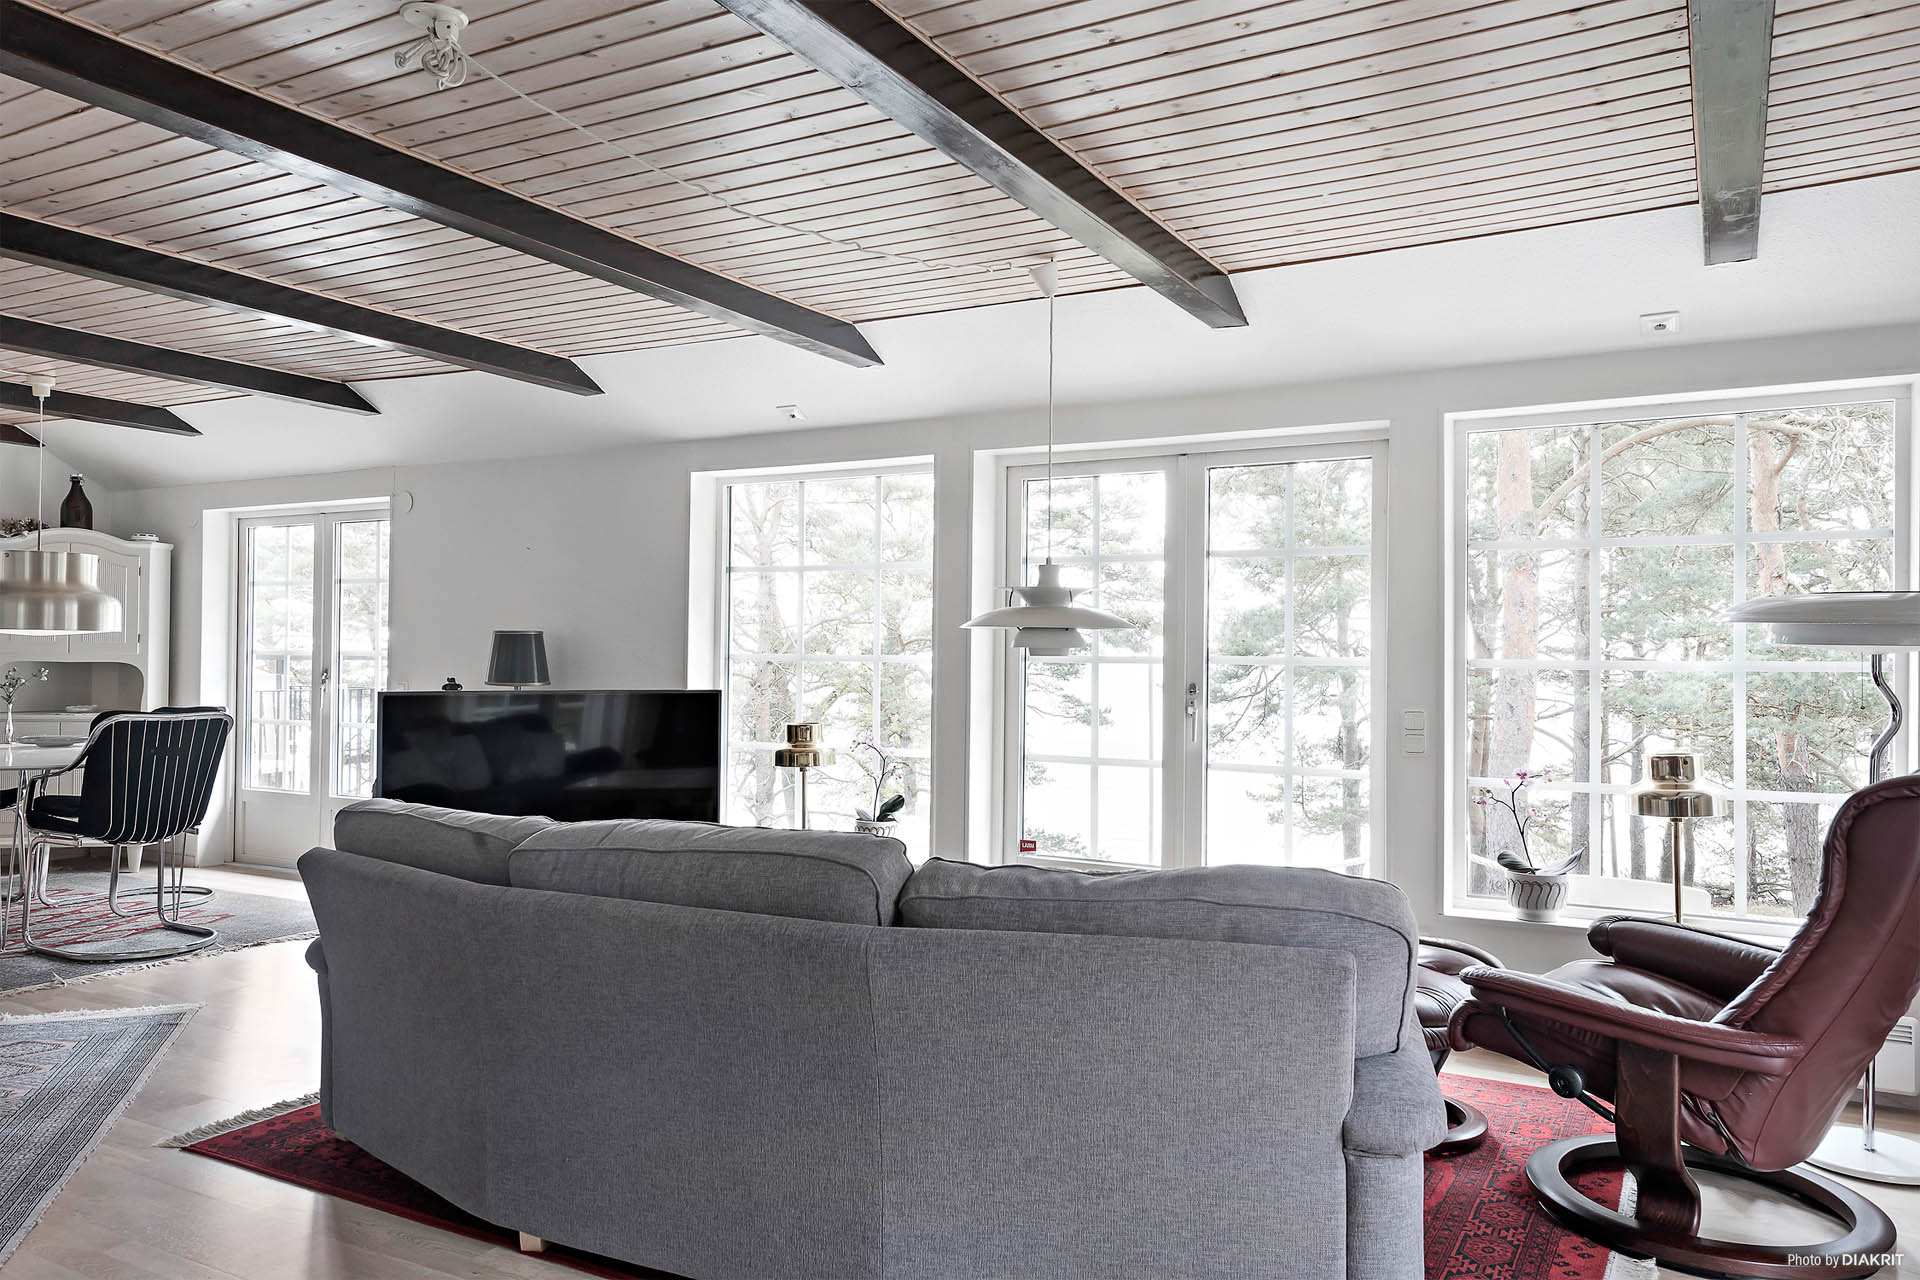 Vardagsrummet upplevs rymligt med plats för både soffhörna, matbord och flera sittplatser där man kan njuta av utsikten